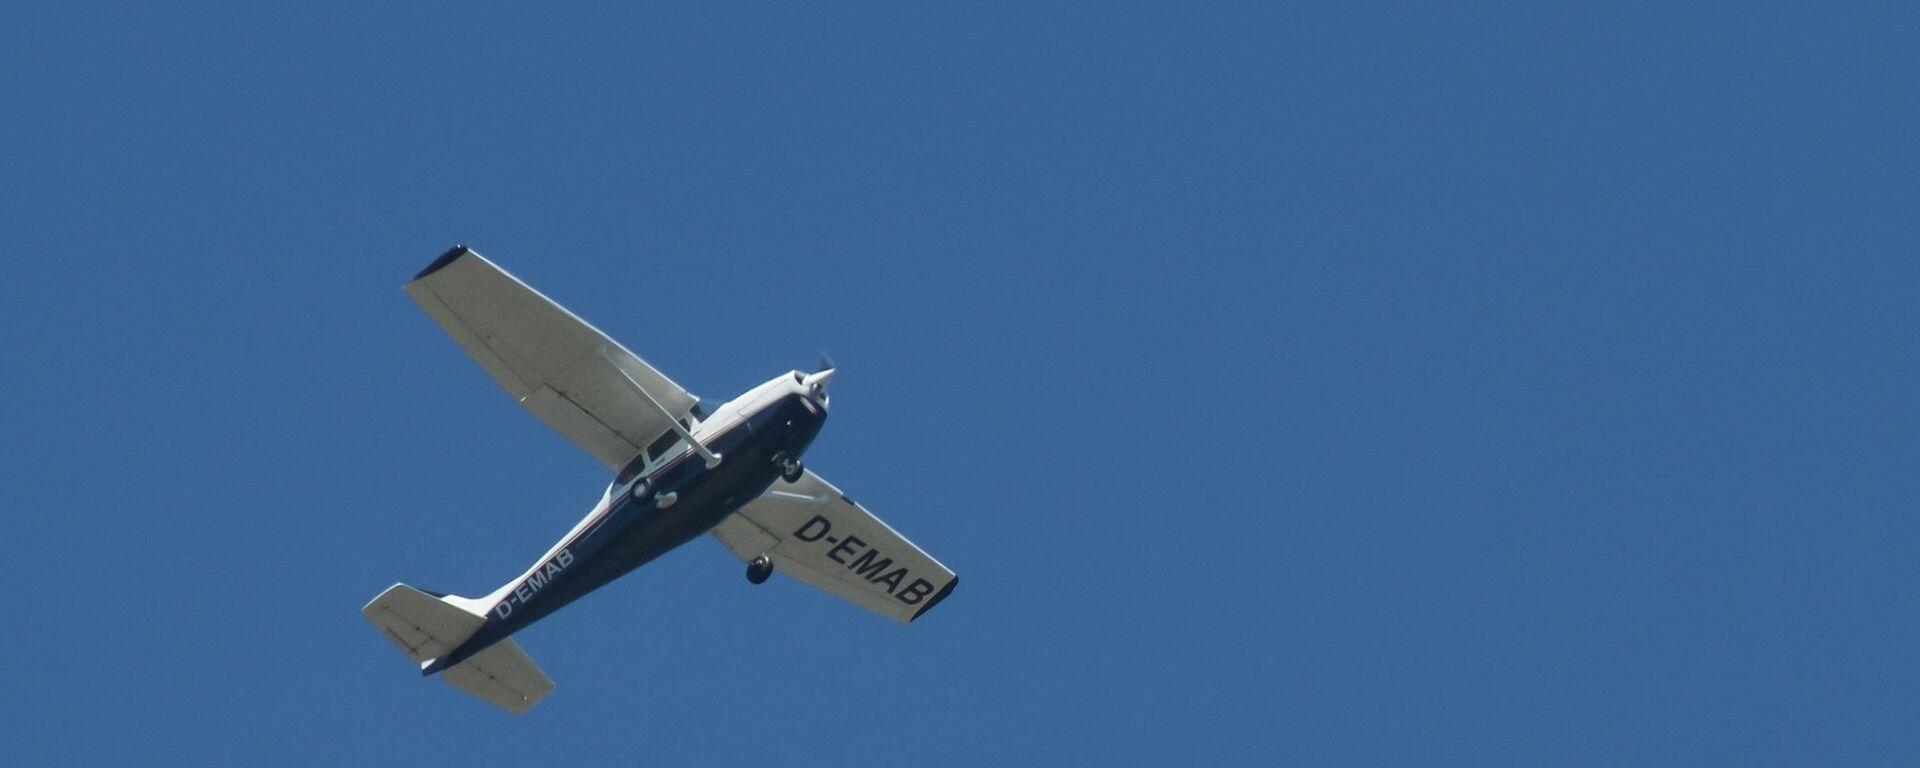 Aereo Cessna - Sputnik Italia, 1920, 30.05.2021